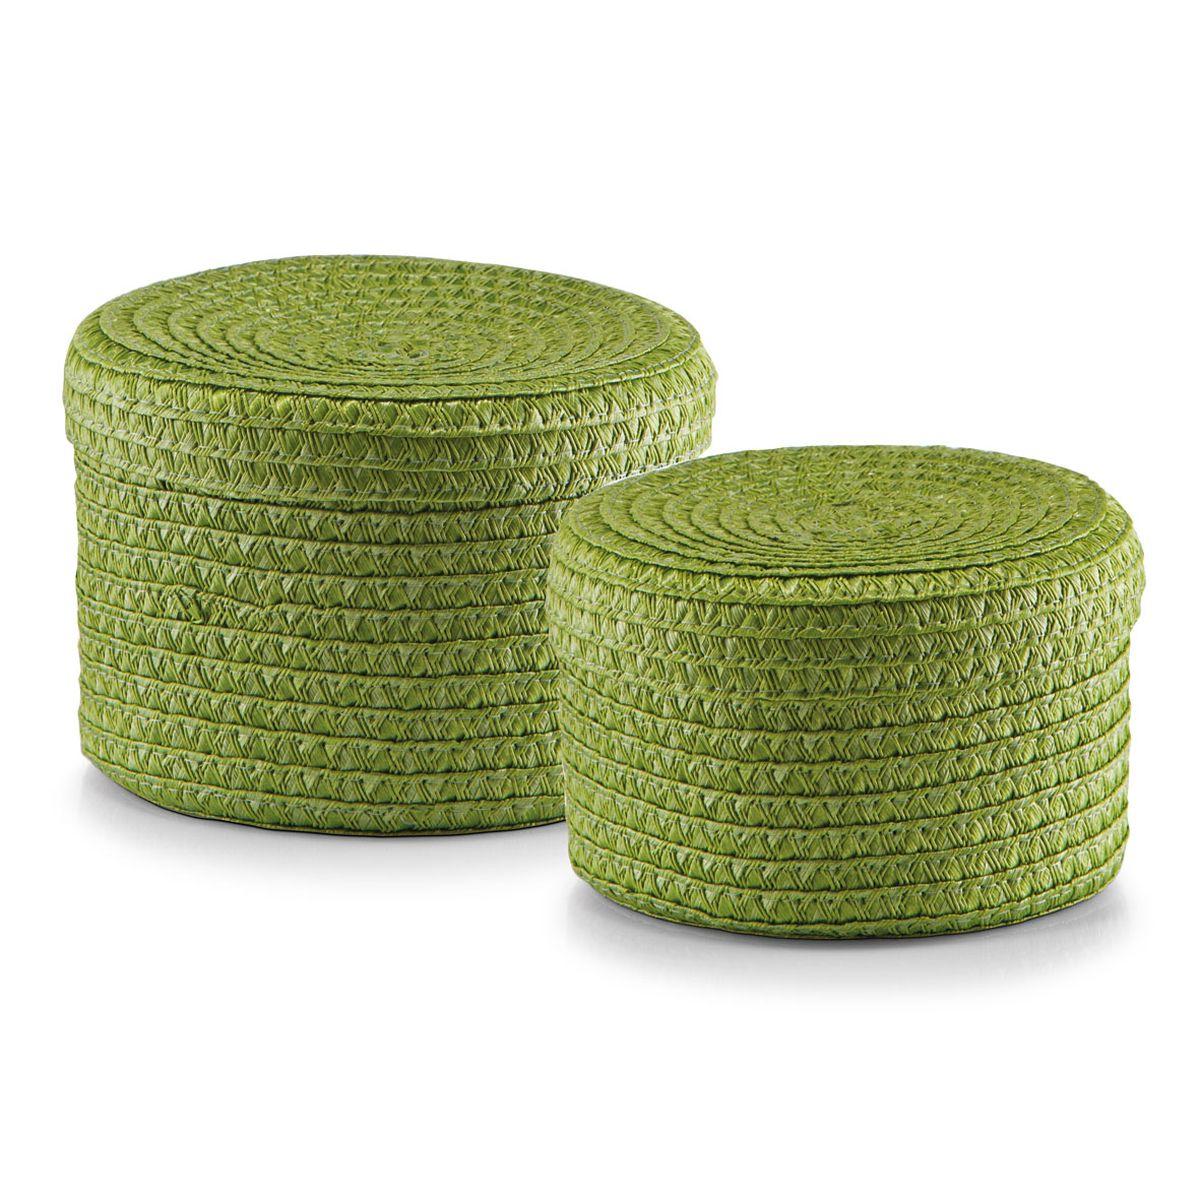 Набор корзин Zeller с крышками, цвет: зеленый, 2 шт14120Набор Zeller состоит из двух корзин разного размера. Корзинки изготовлены из текстиля и оснащены крышками. Изделия идеально подходят для упаковки подарков, цветочных композиций и подарочных наборов, для хранения различных вещей и аксессуаров. Так же они являются прекрасным декоративным элементом интерьера.Такие корзины будут создавать уют и комфорт в вашем доме и станут отличным подарком. Диаметр корзин: 16 см, 17 см. Высота корзин: 10 см, 12 см.